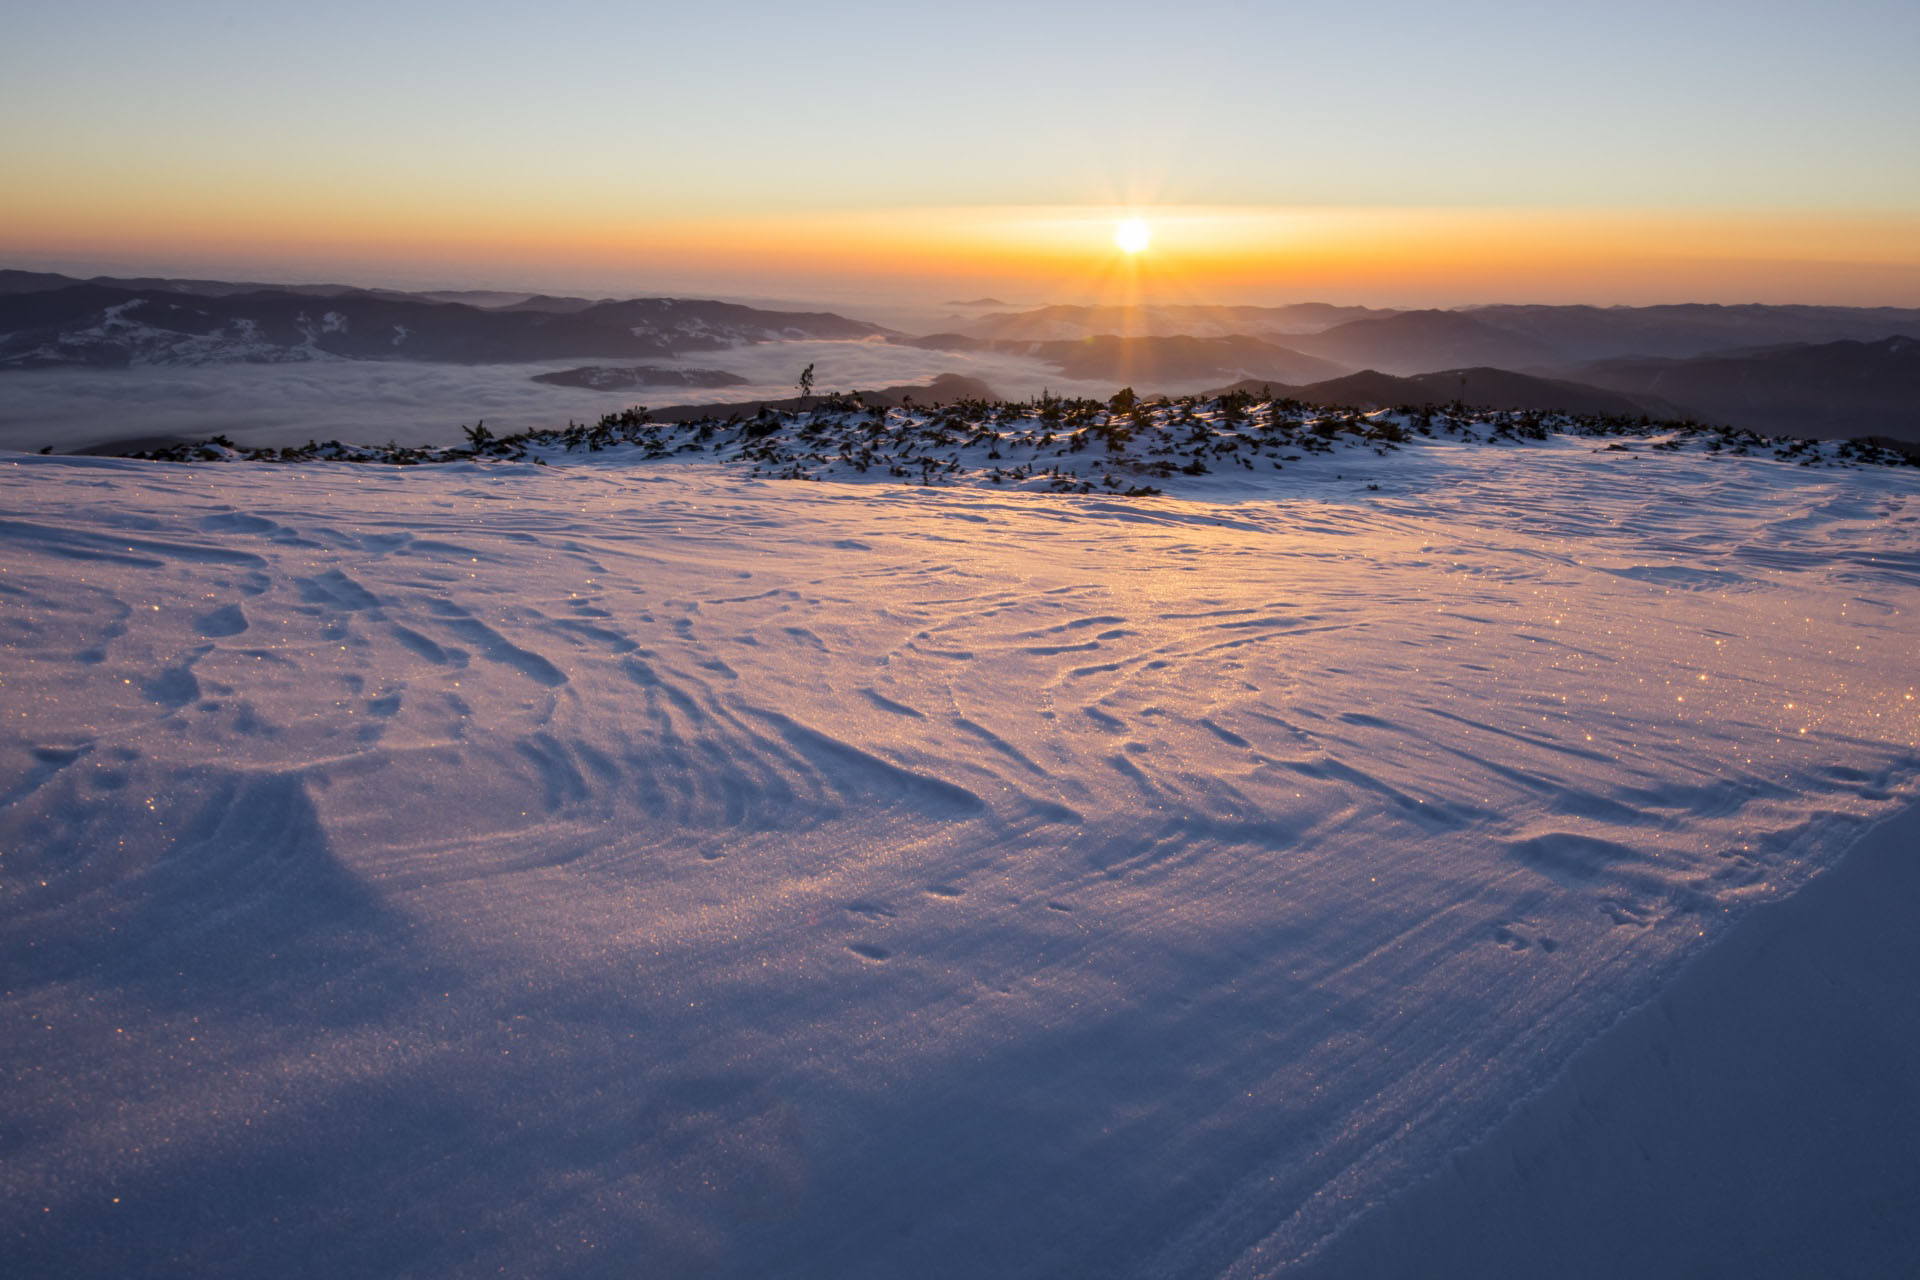 冬のカルパチア山脈の日の出 ルーマニアの風景